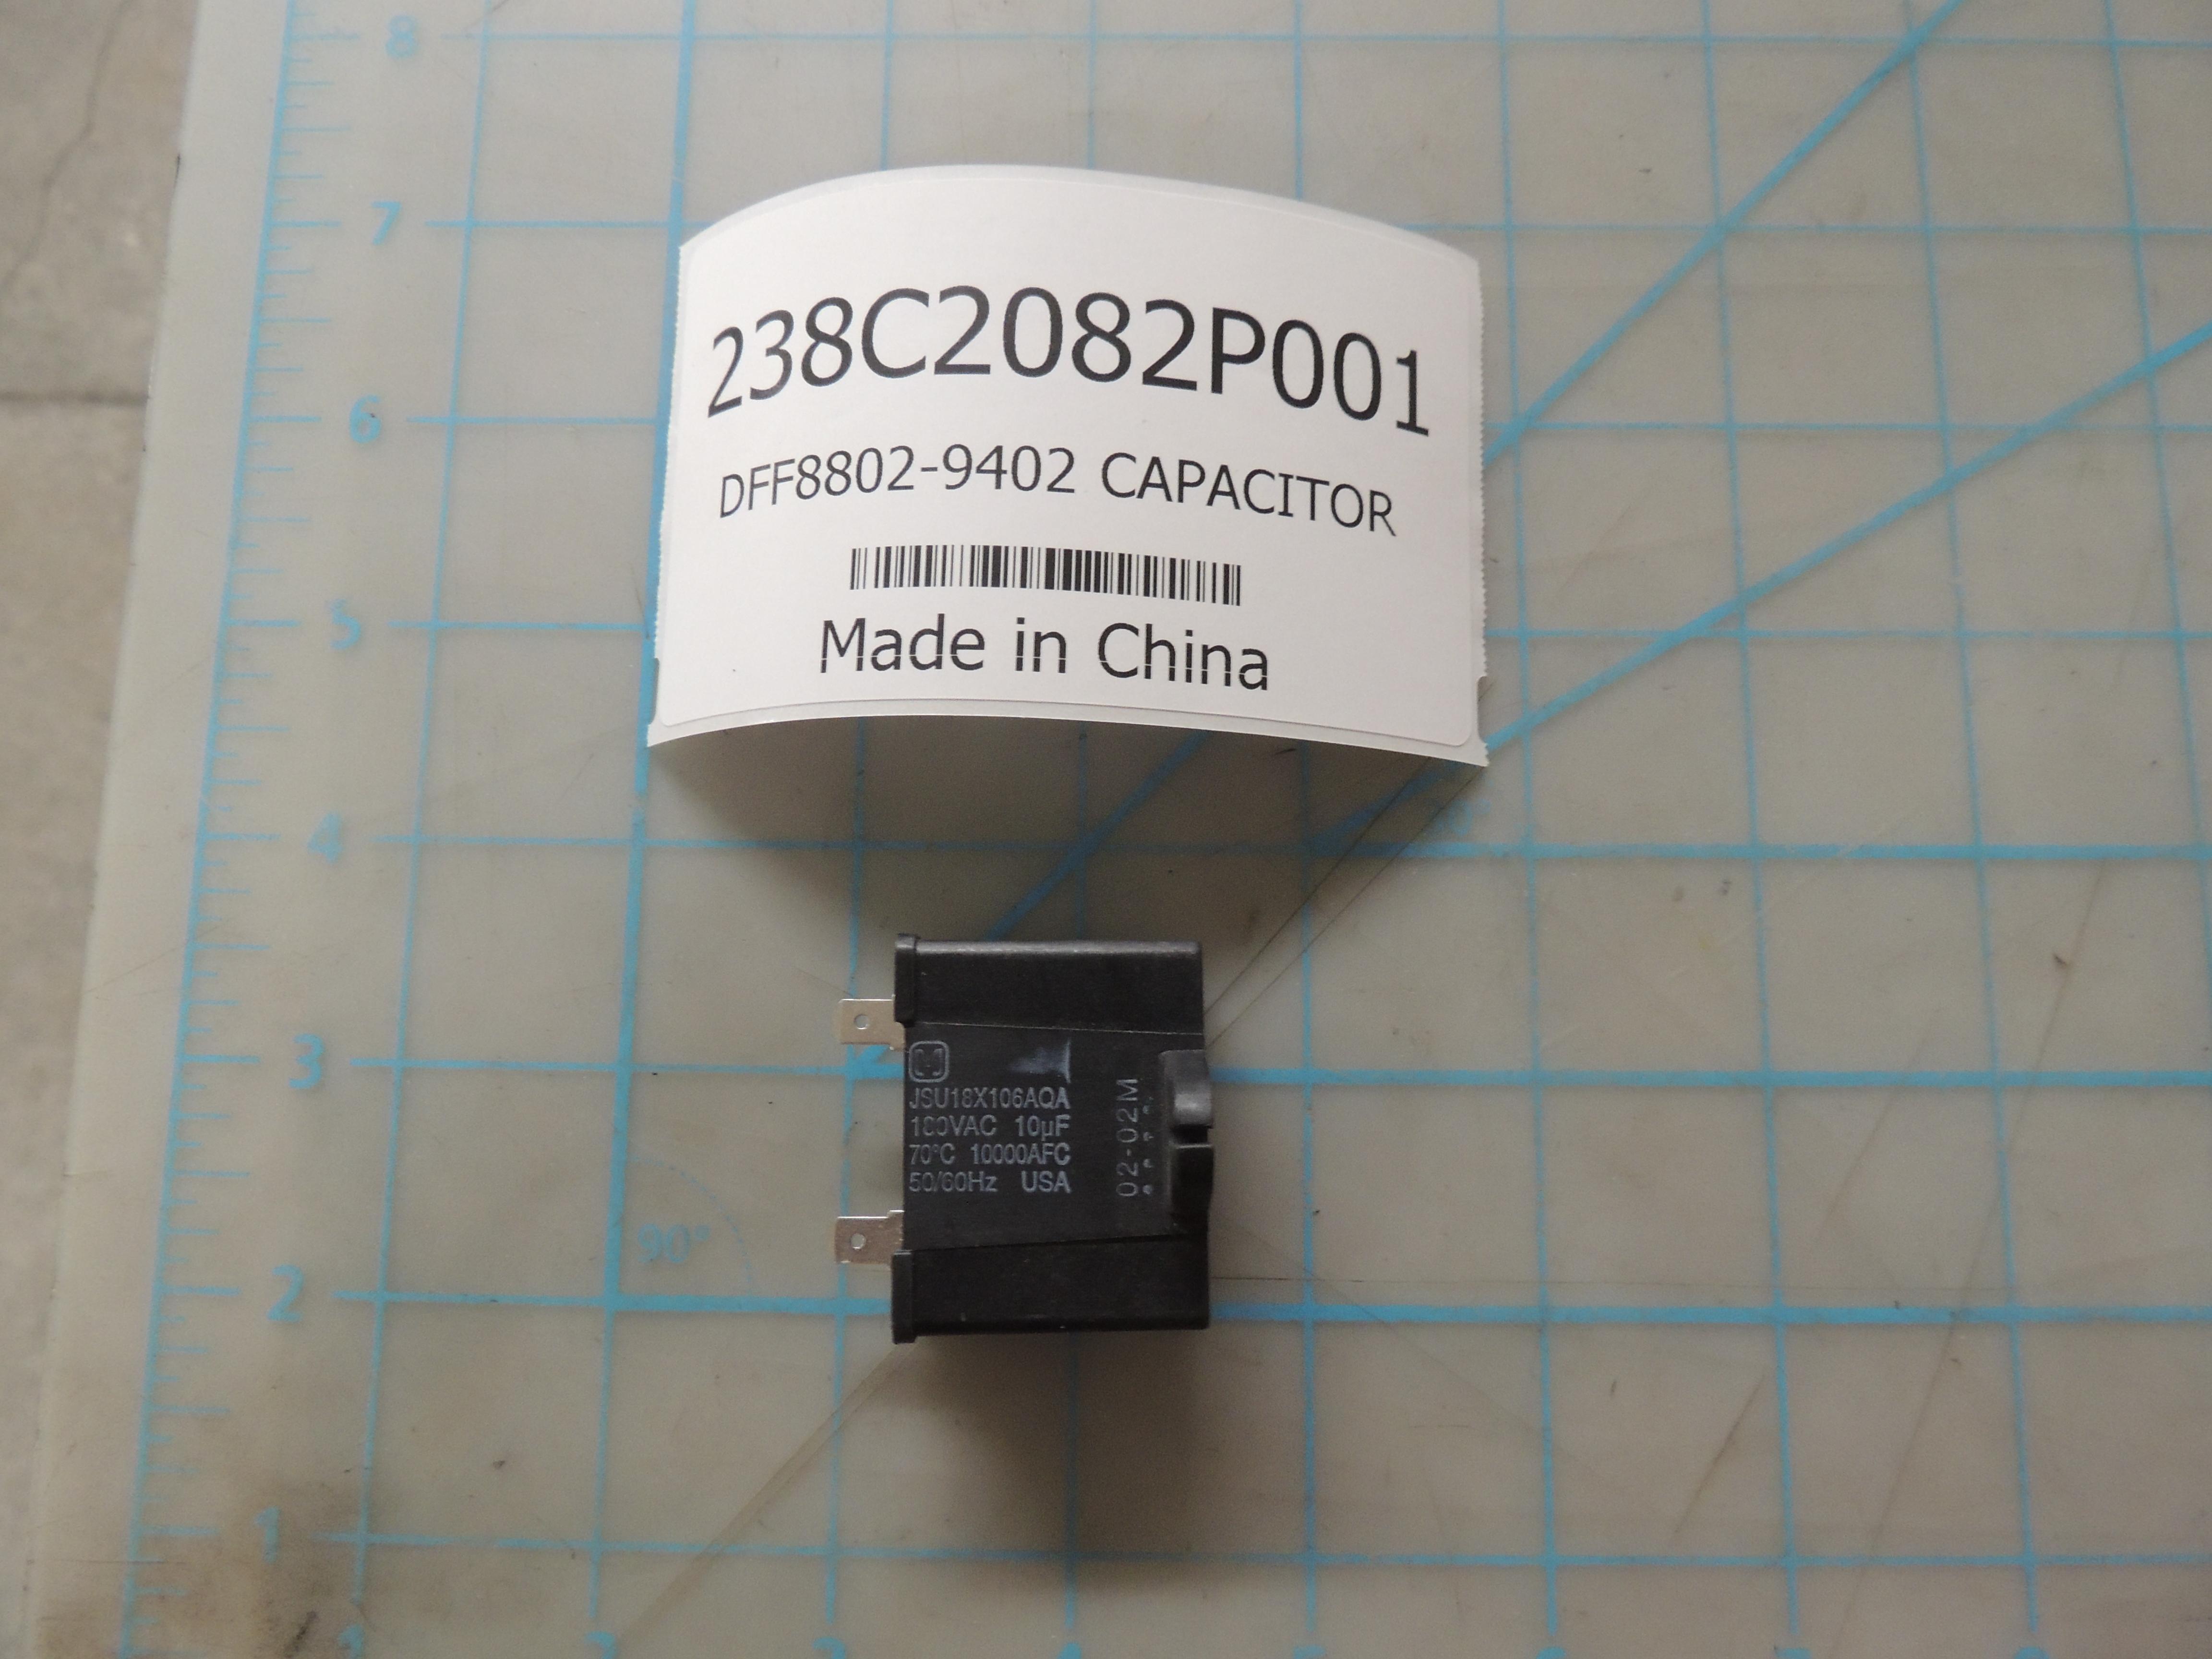 DFF8802-9402 CAPACITOR